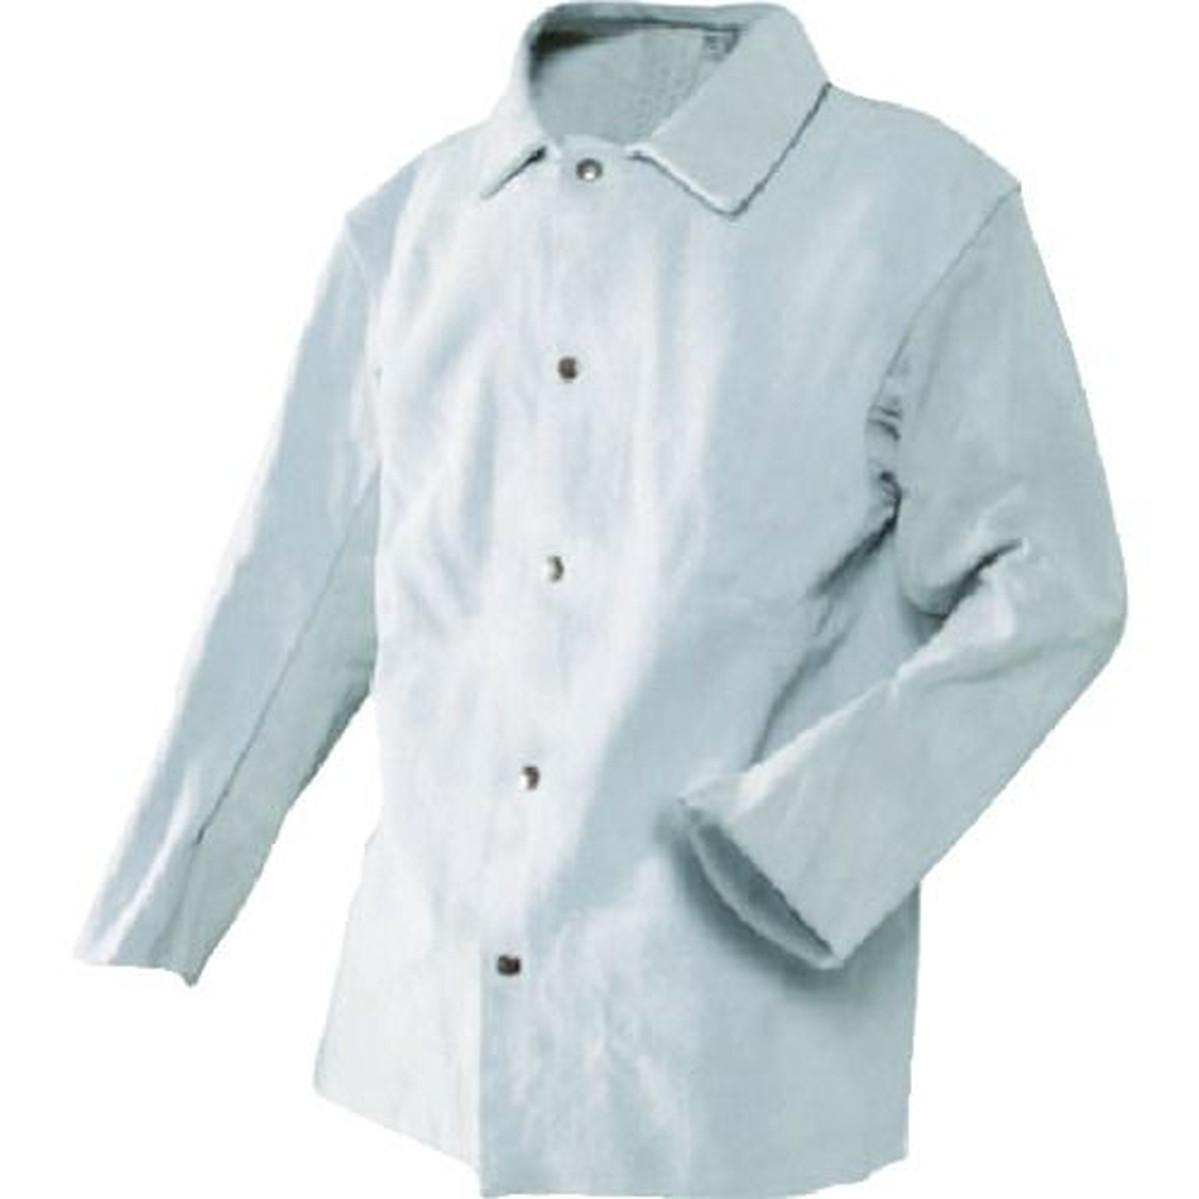 日本限定 数量は多 あす楽対応 DIY用品 シモン 204上衣 1着 2L